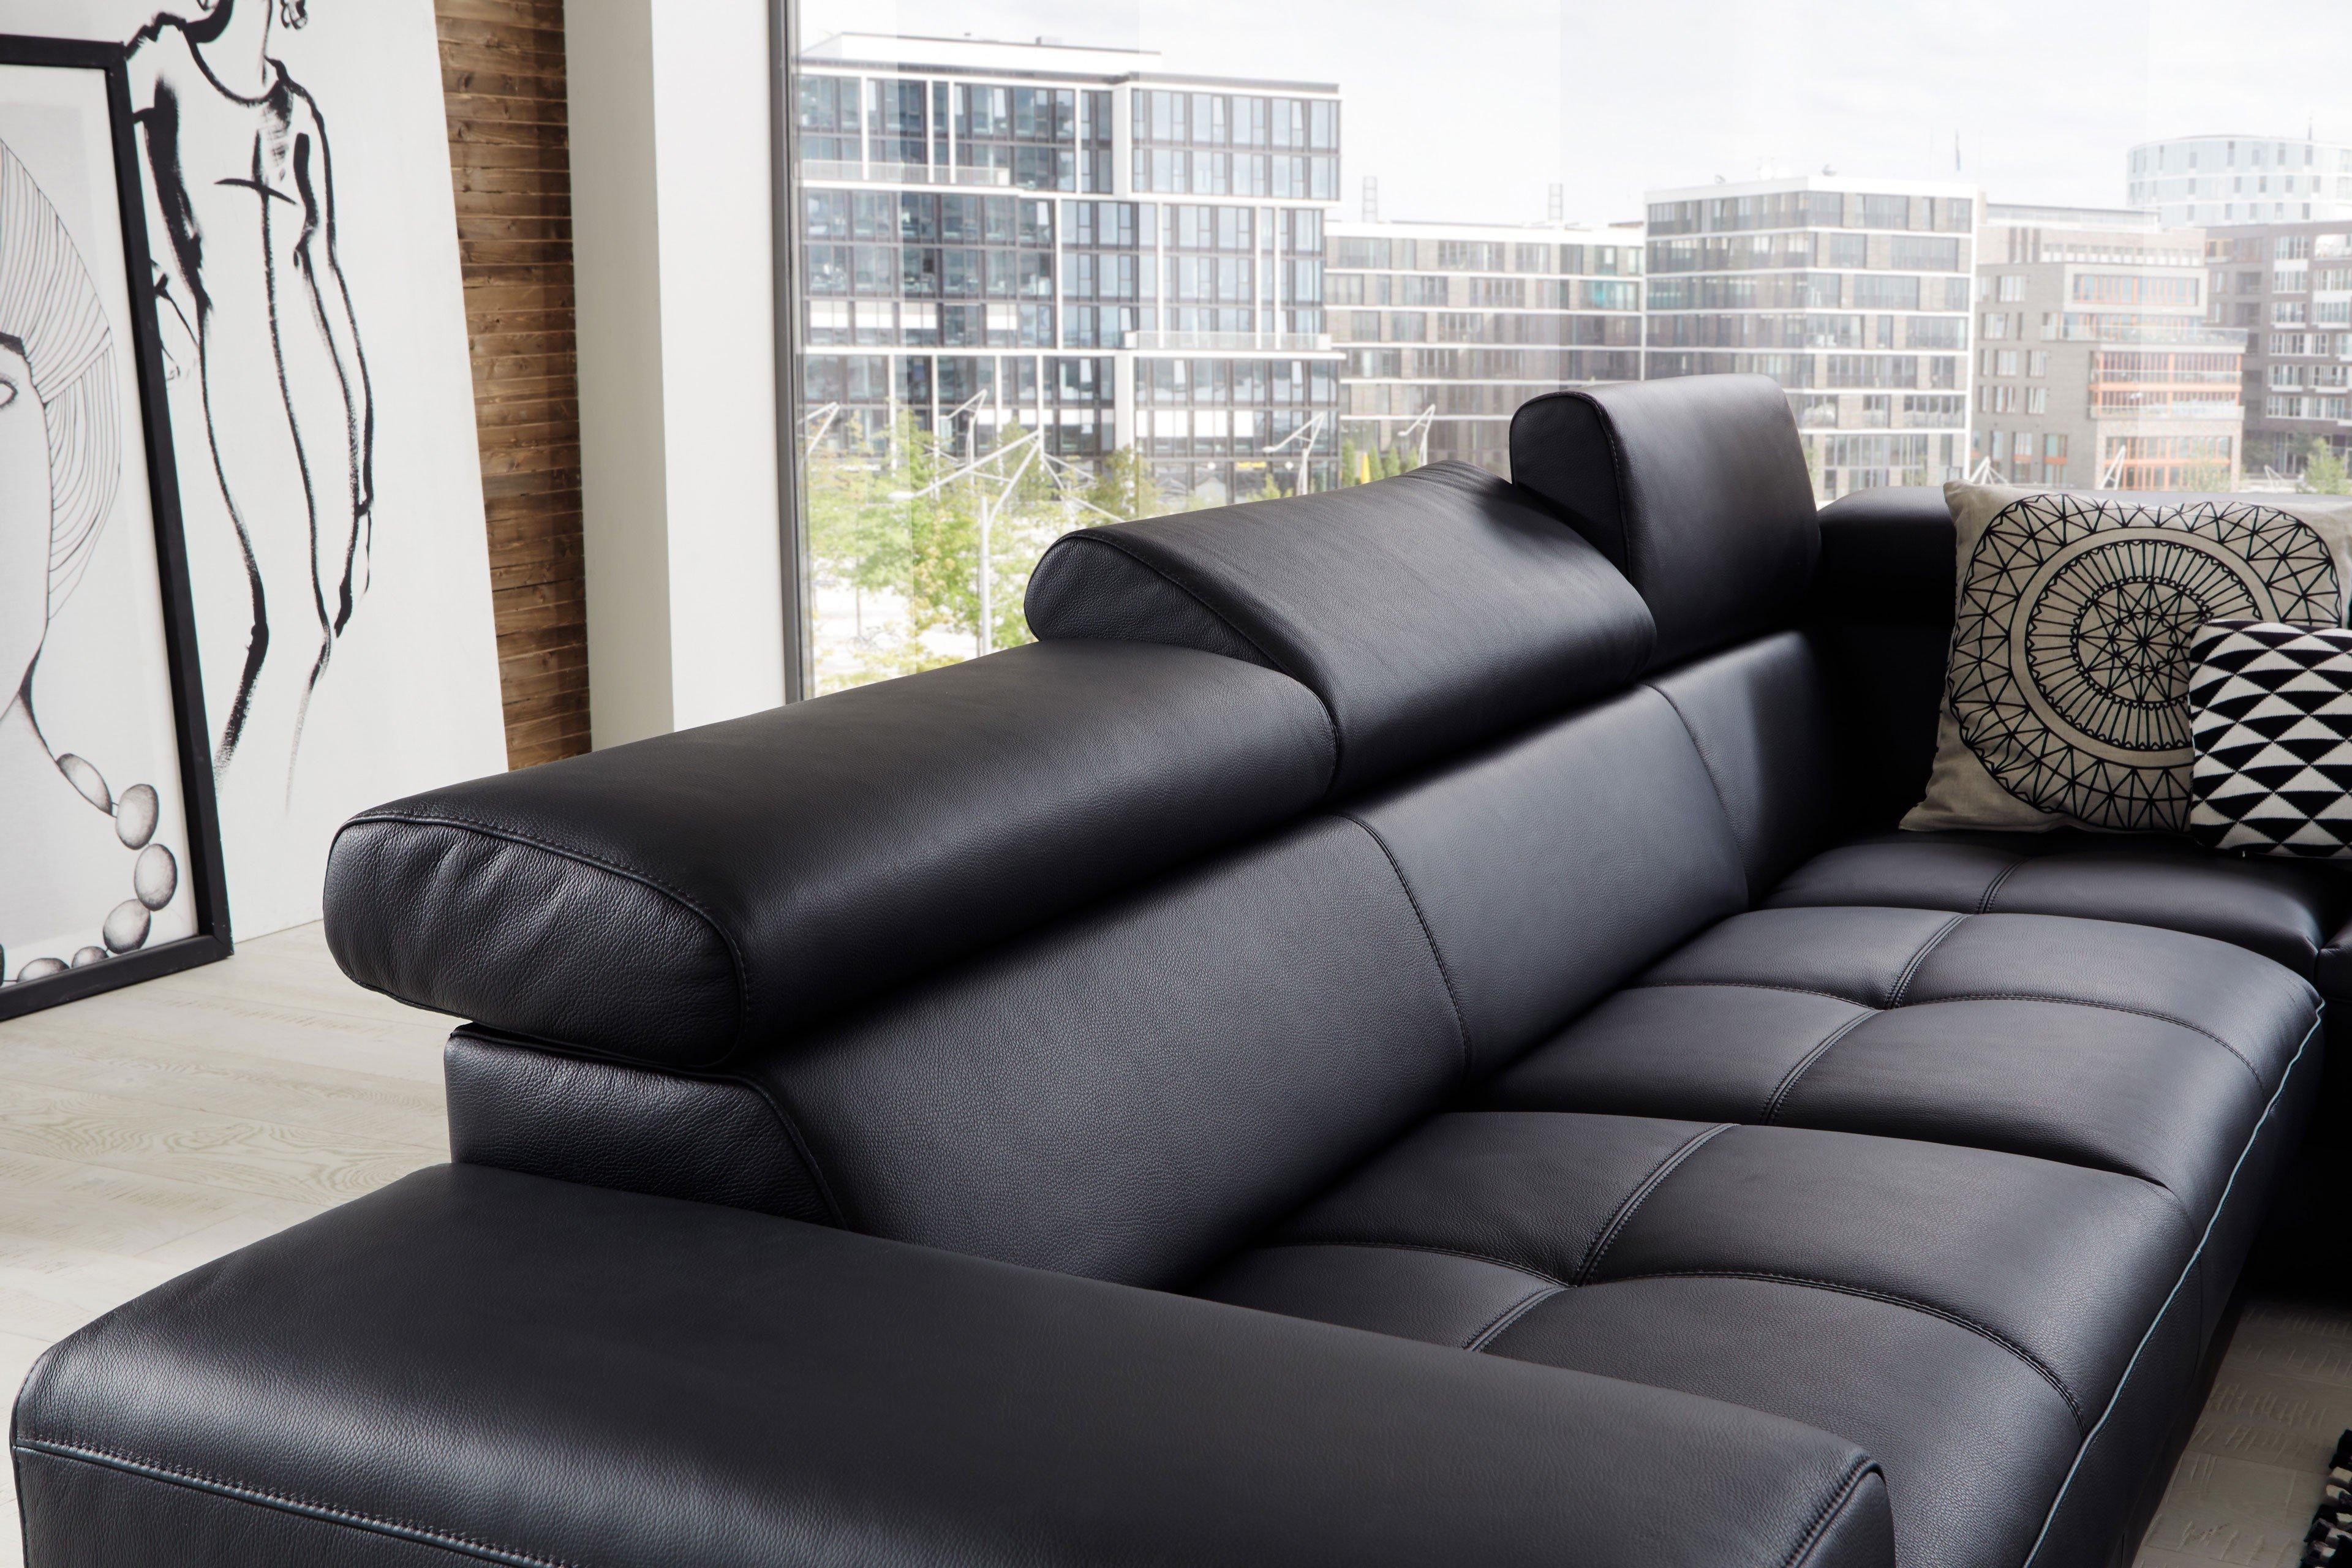 Ledercouch schwarz kaufen  Pure Natur Gyda Ledersofa schwarz | Möbel Letz - Ihr Online-Shop